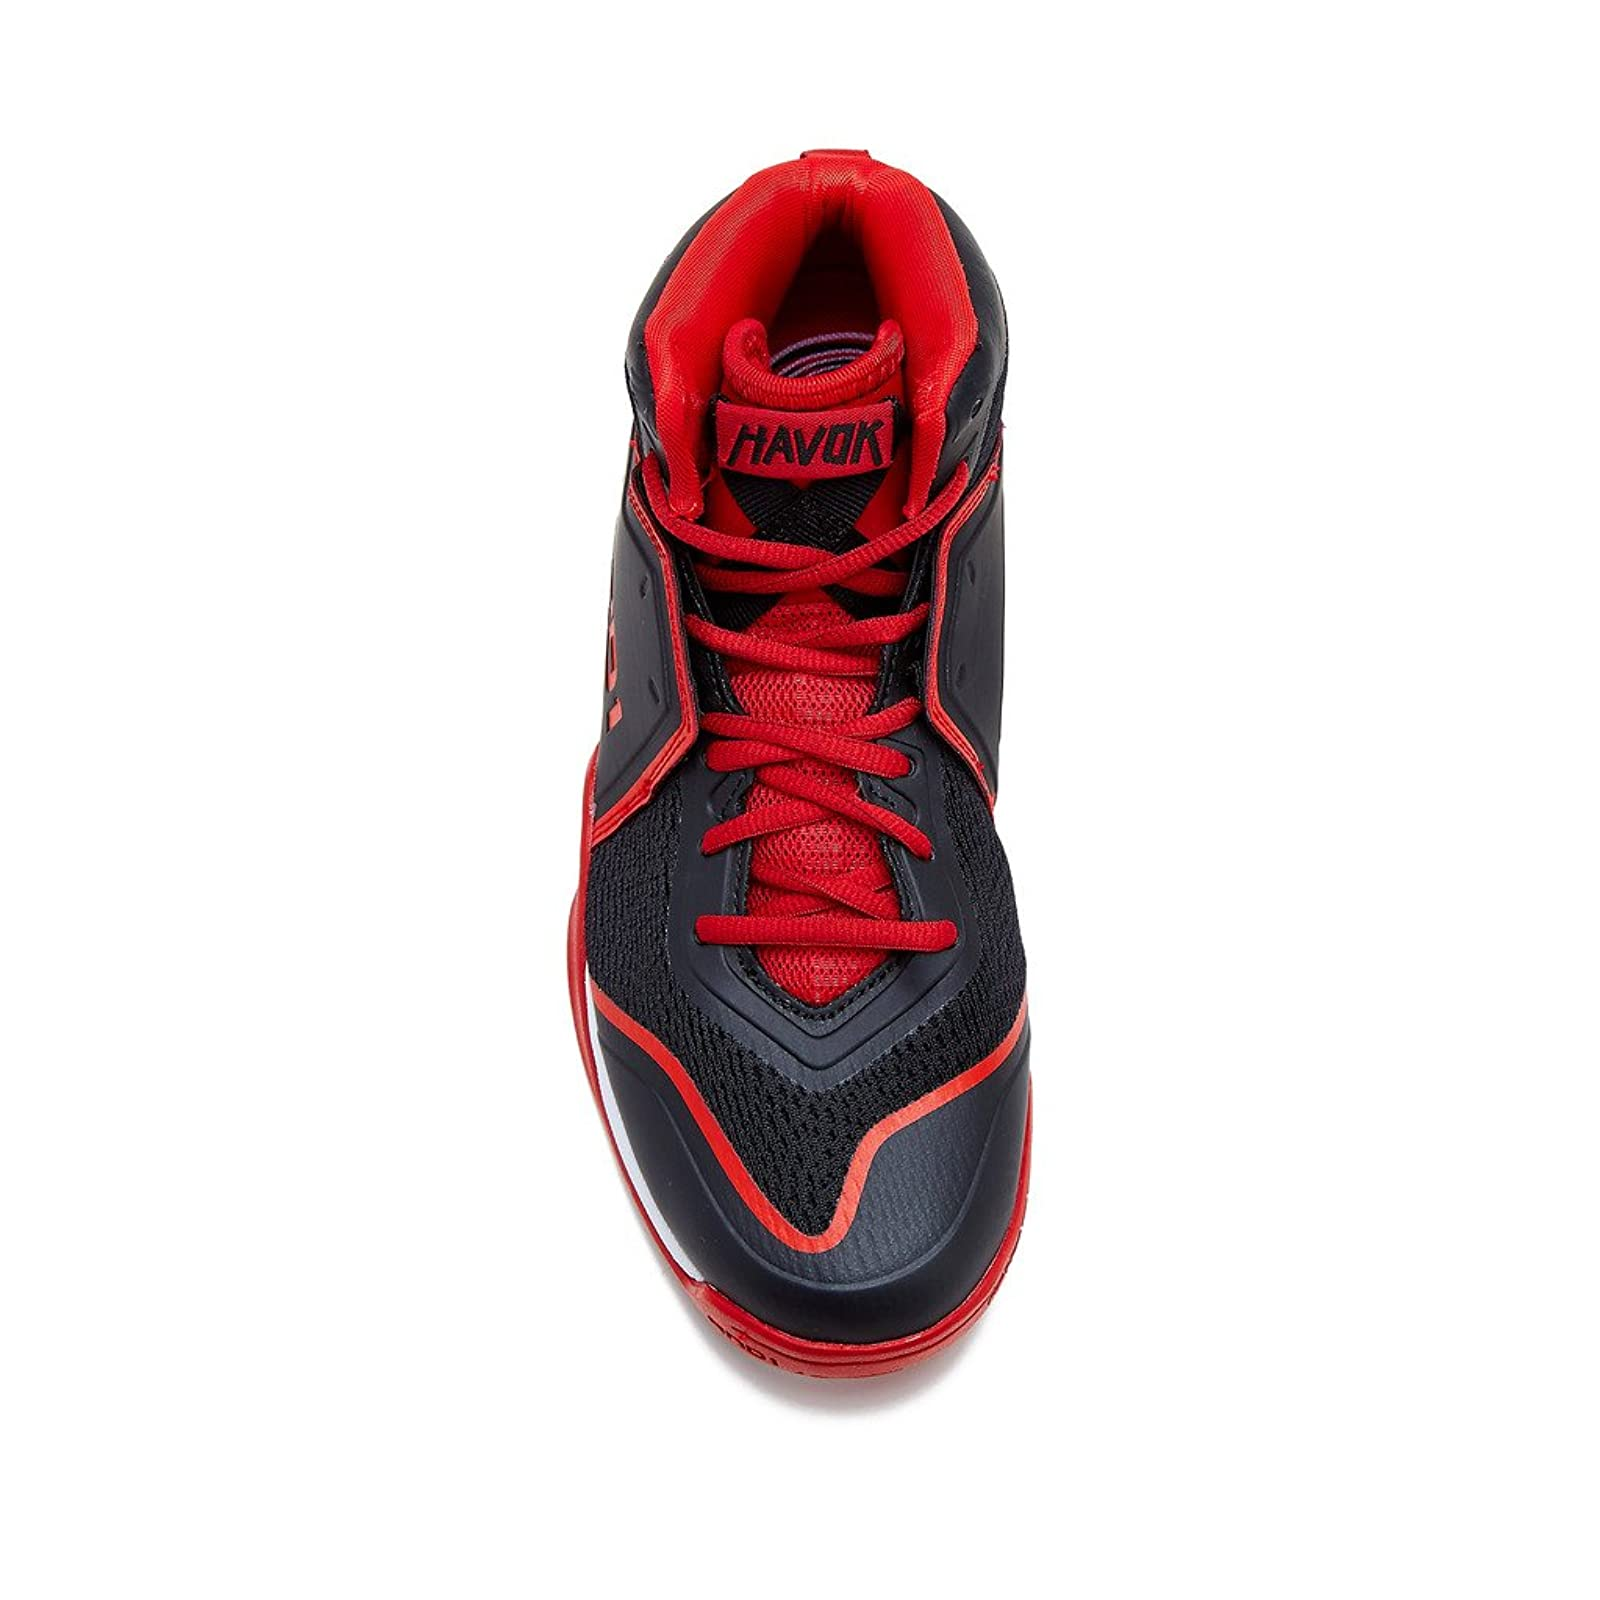 8d913edd576ef AND1 Men's Havok-M Basketball Shoe Blue